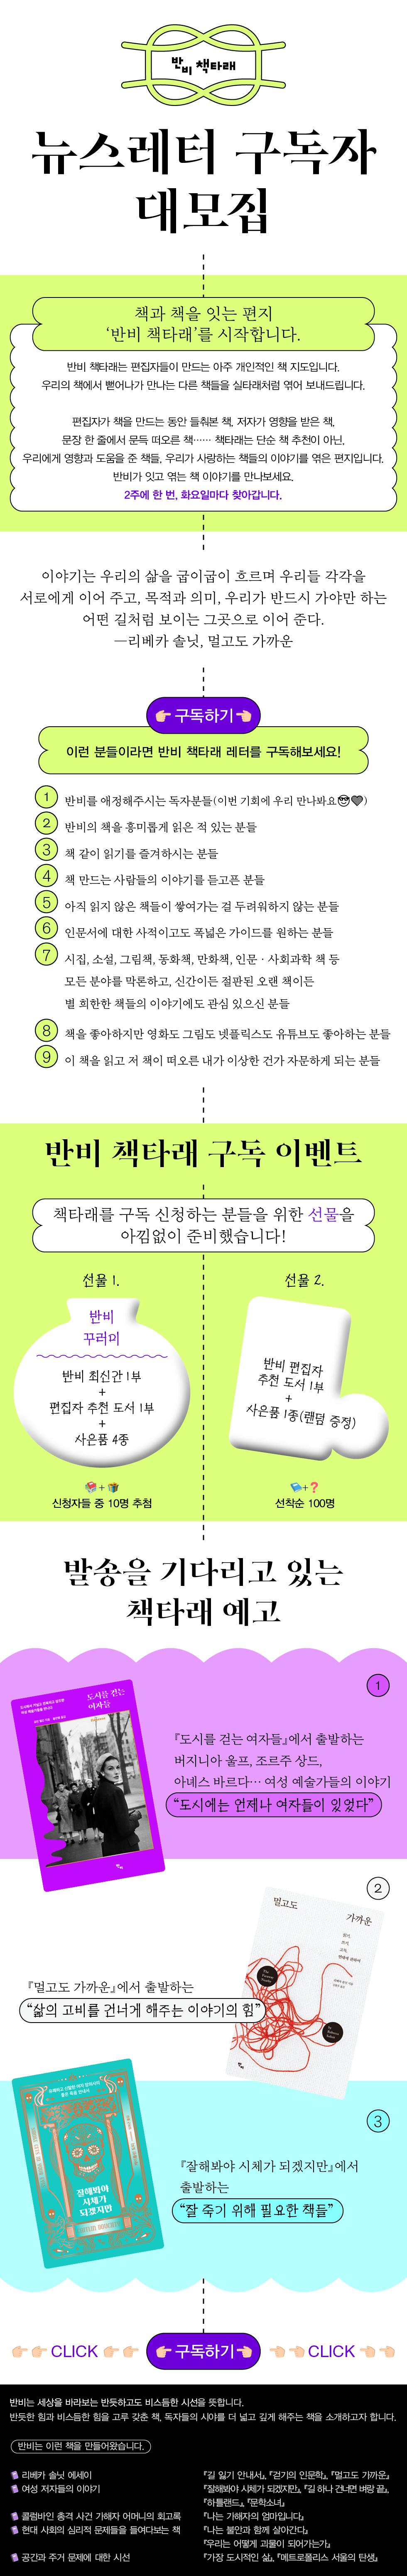 #반비 책타래 구독자 모집